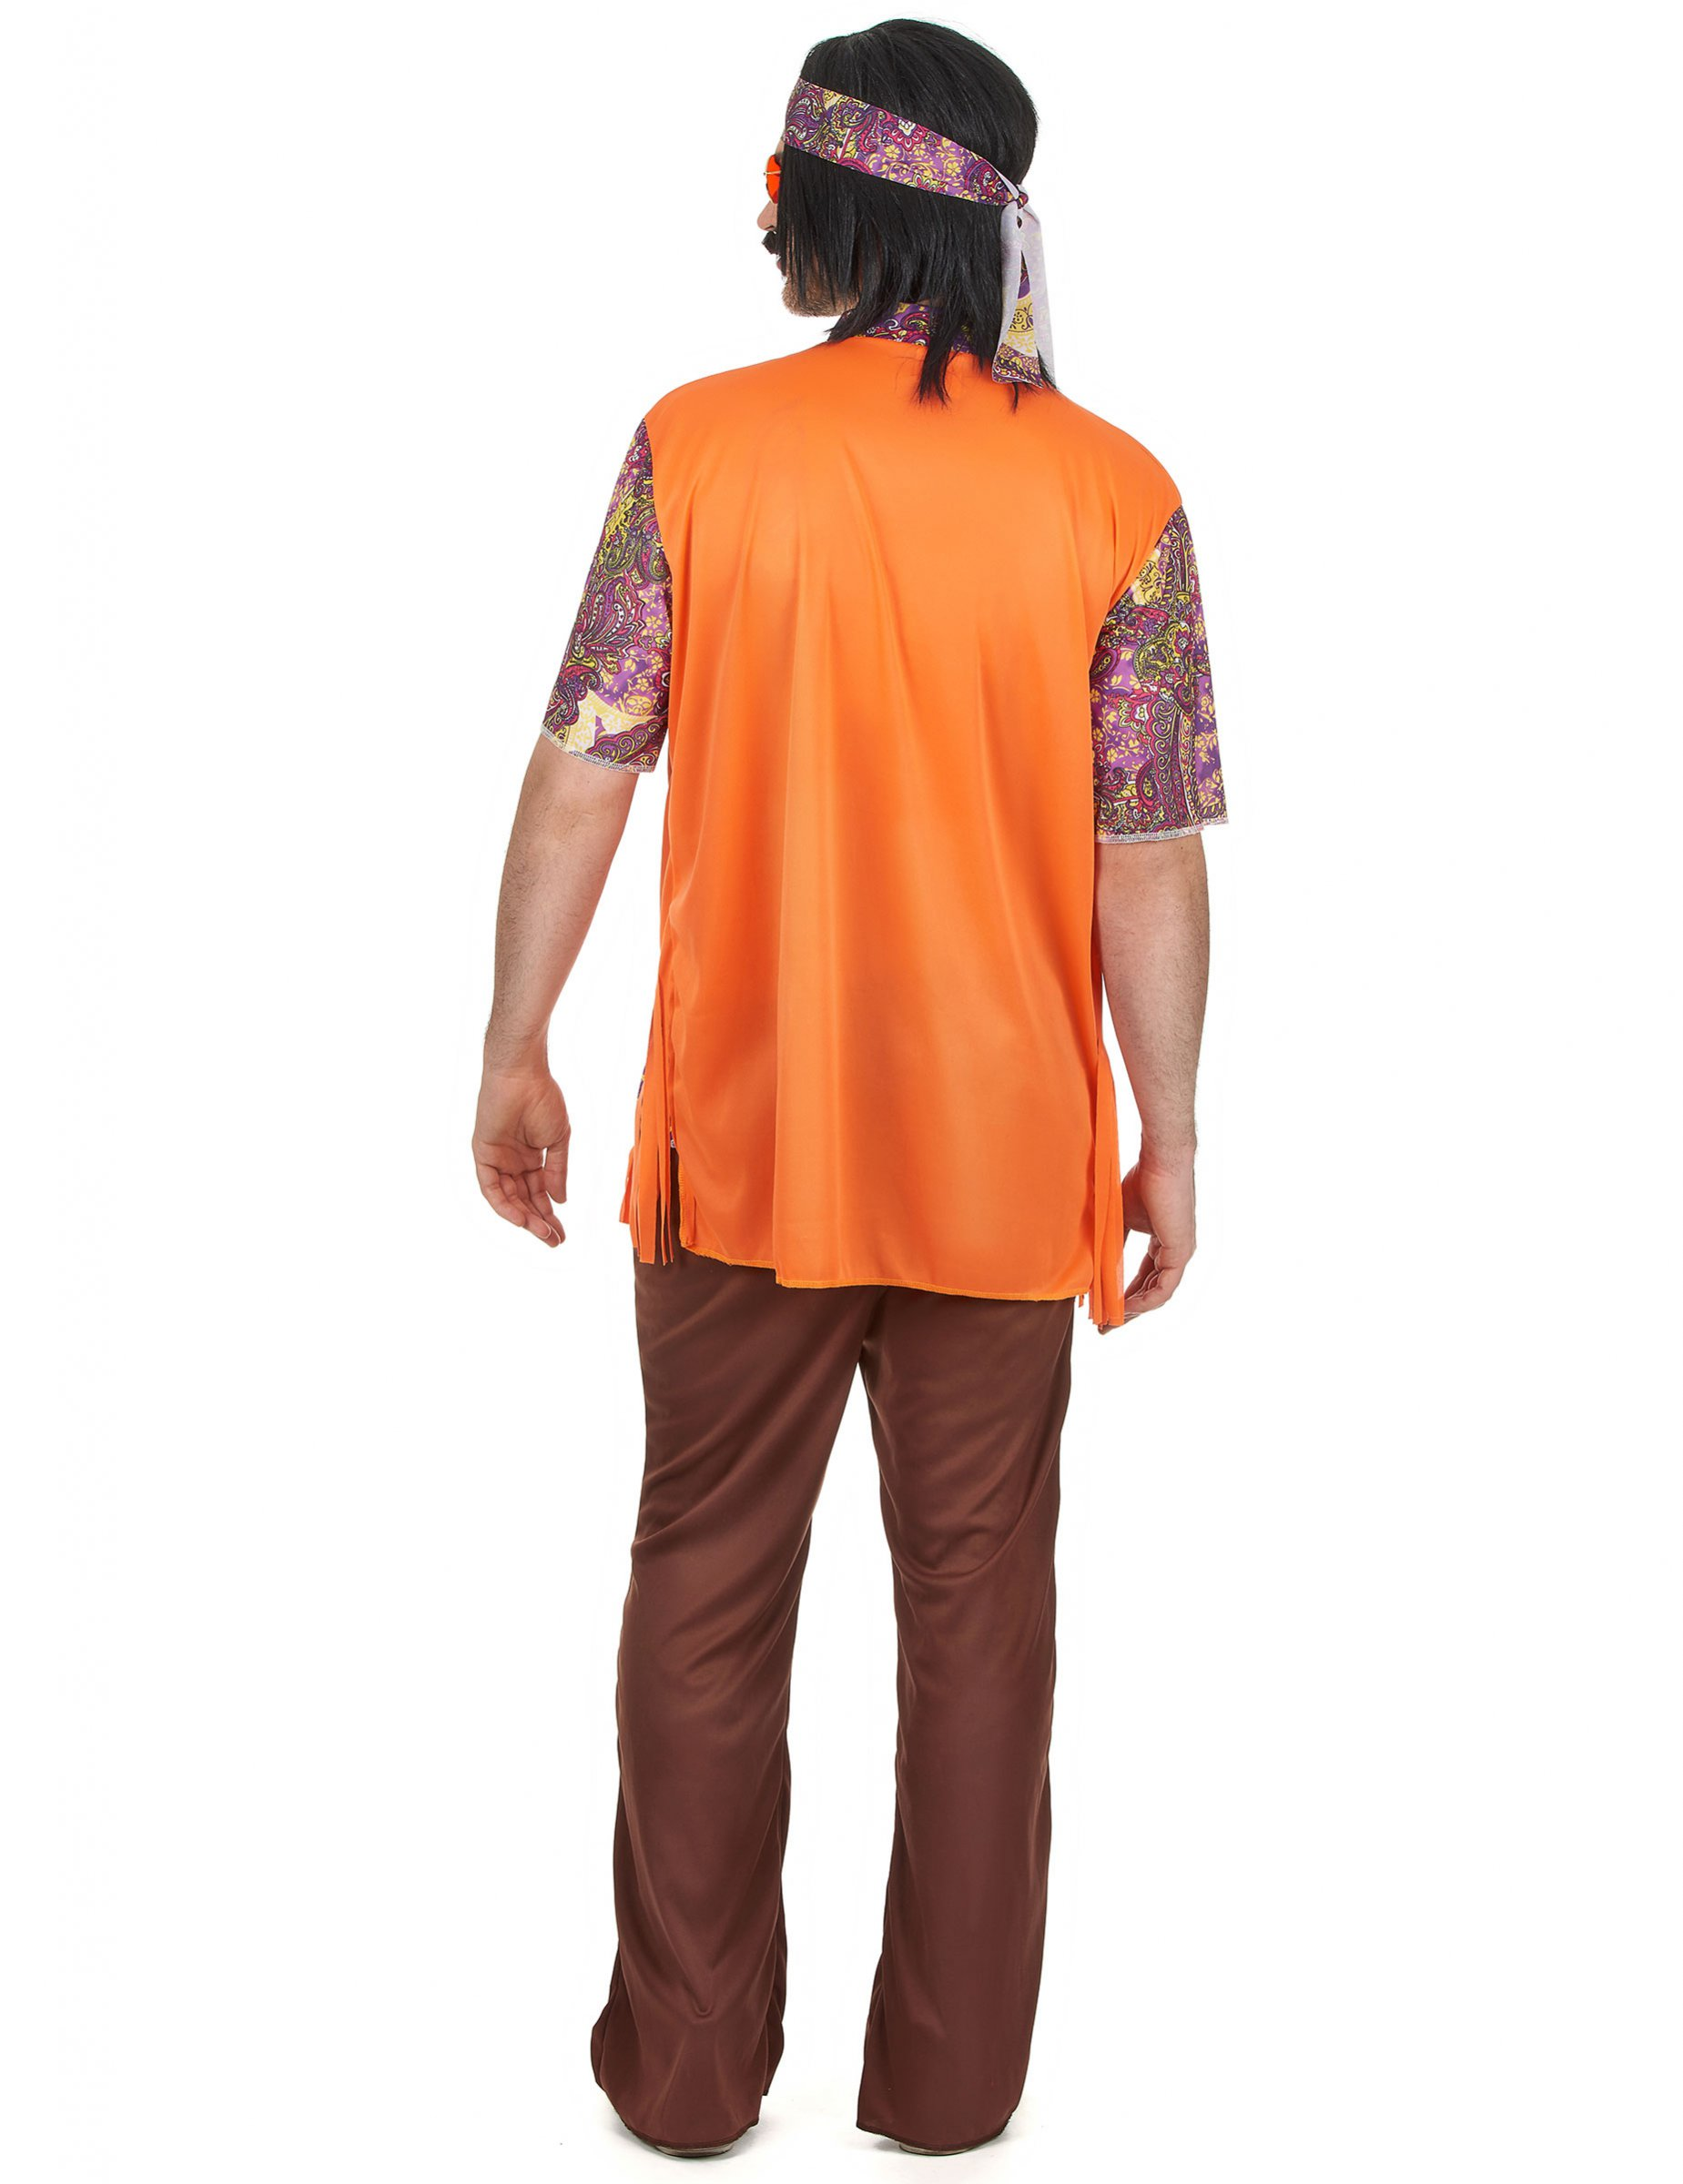 Hippie-Kostuem-Cod-232990